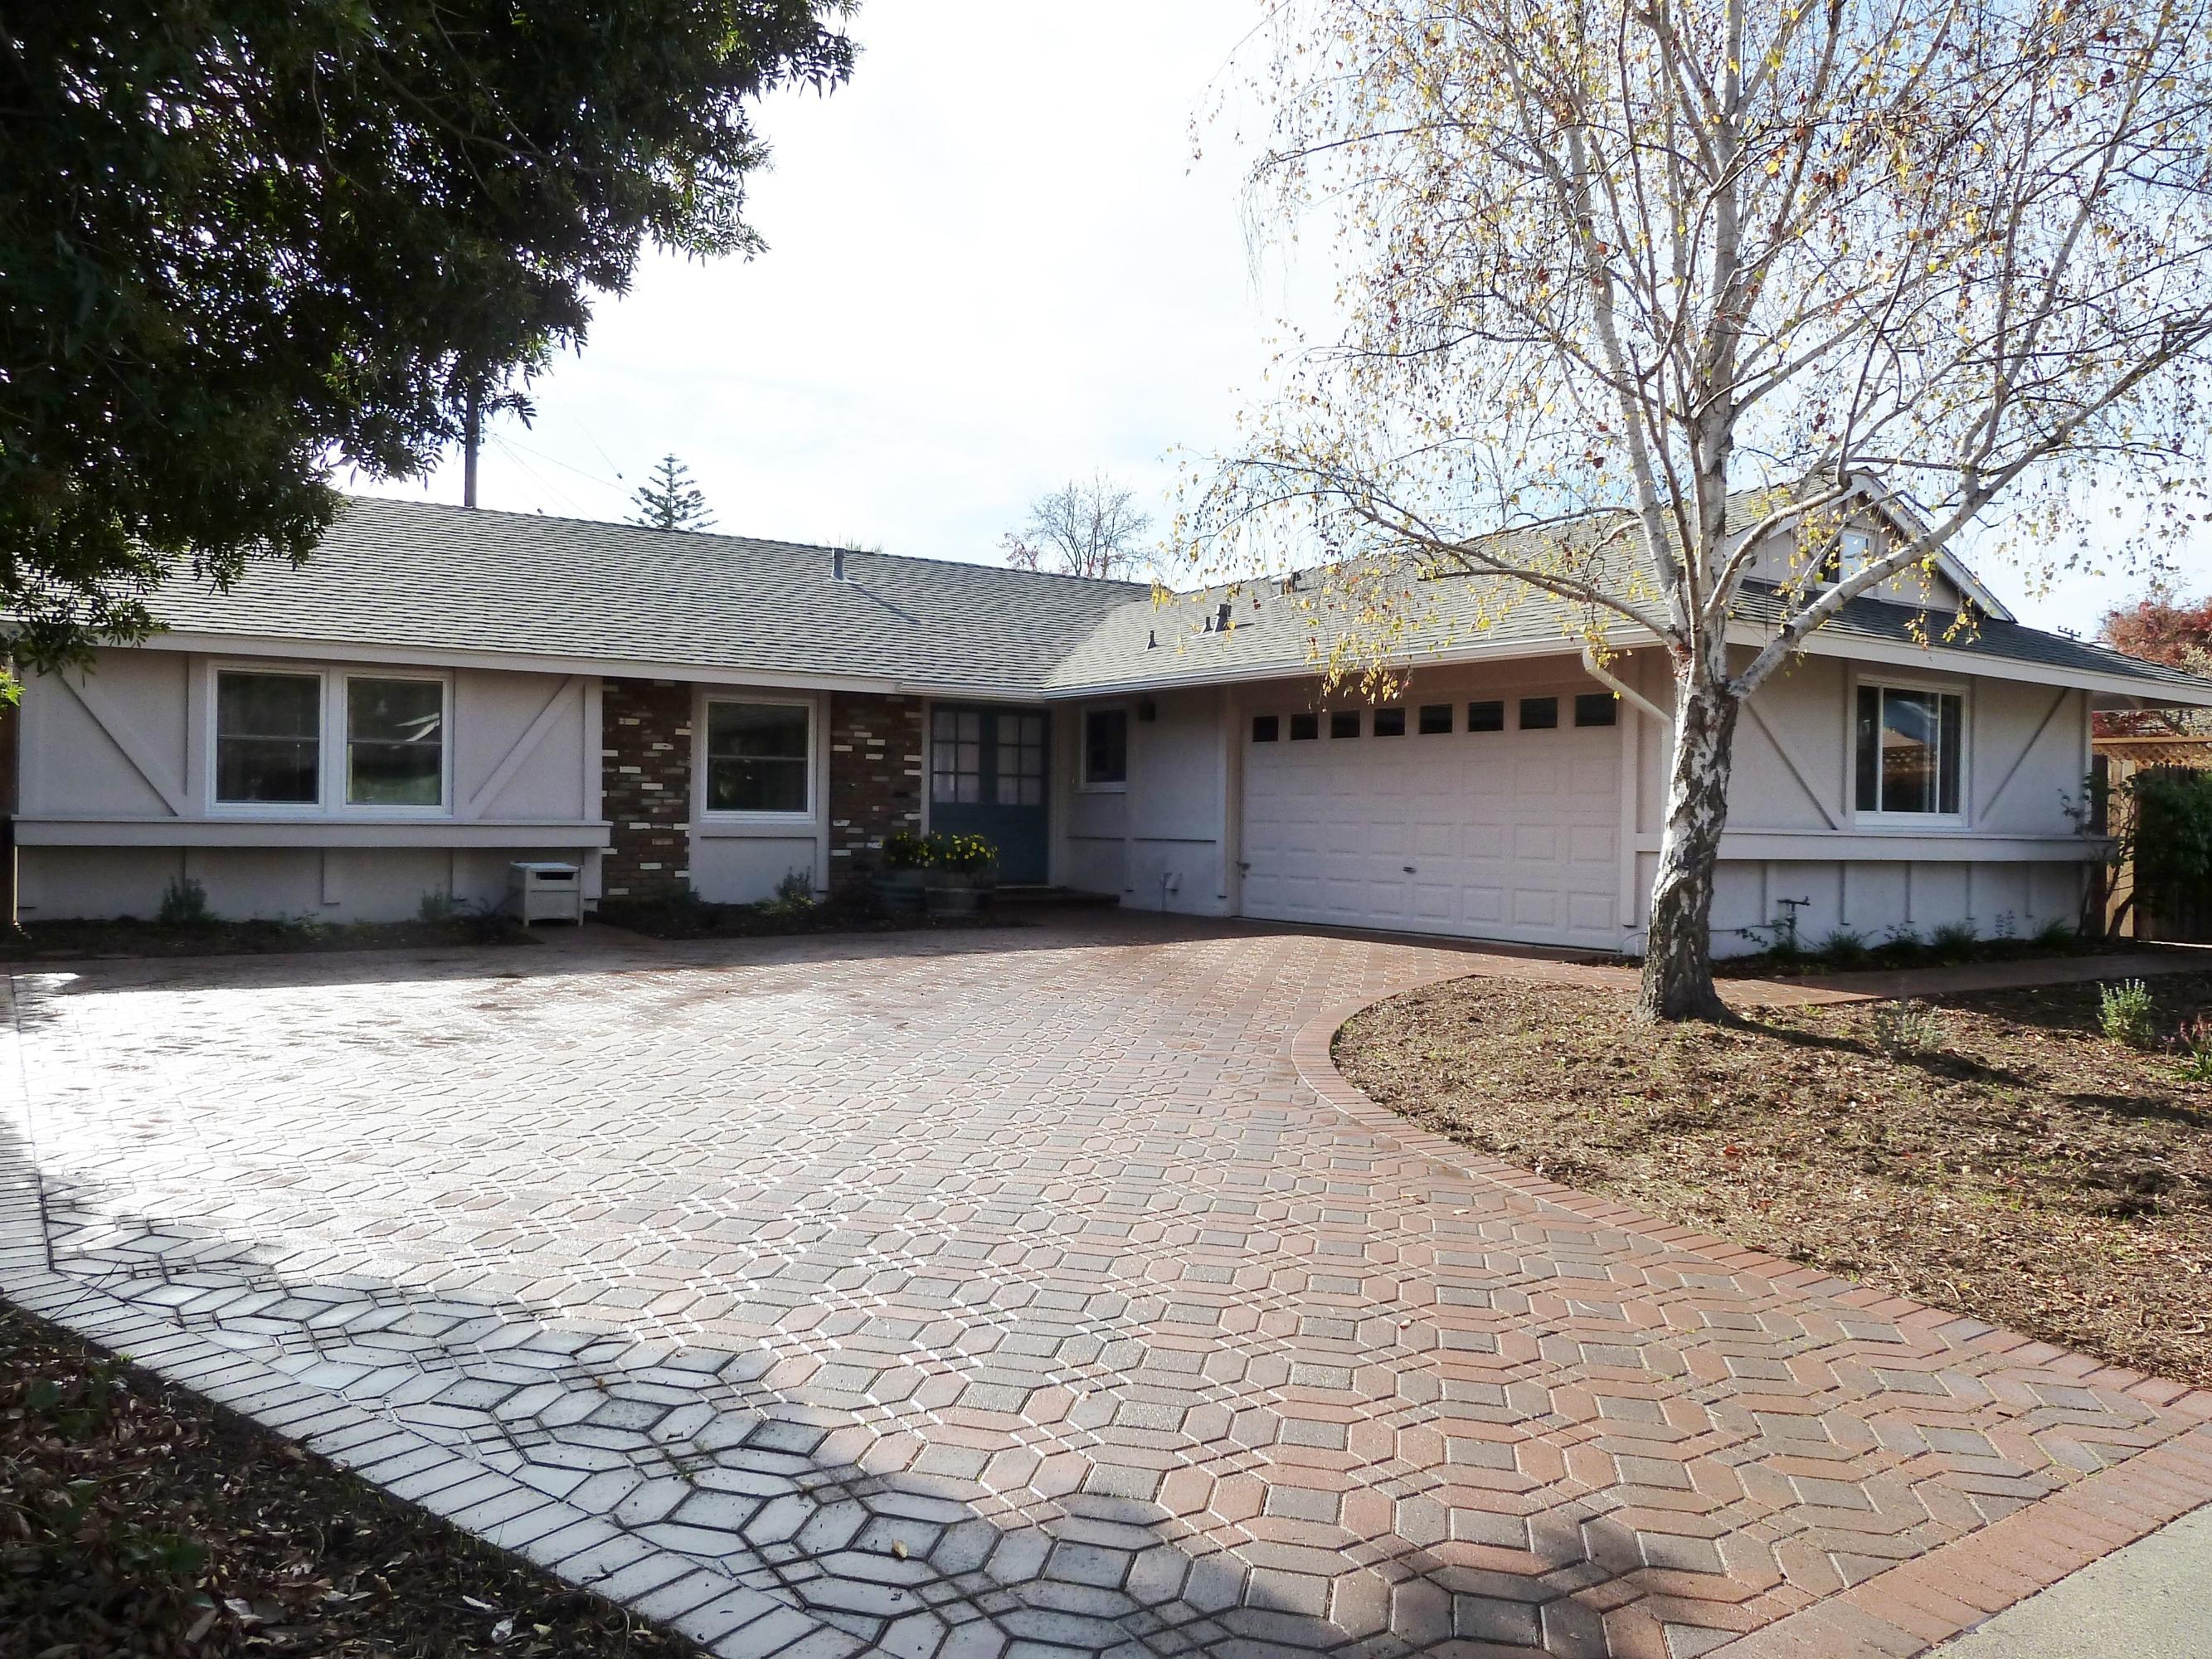 Property photo for 6189 Stow Canyon Rd Goleta, California 93117 - 13-3834